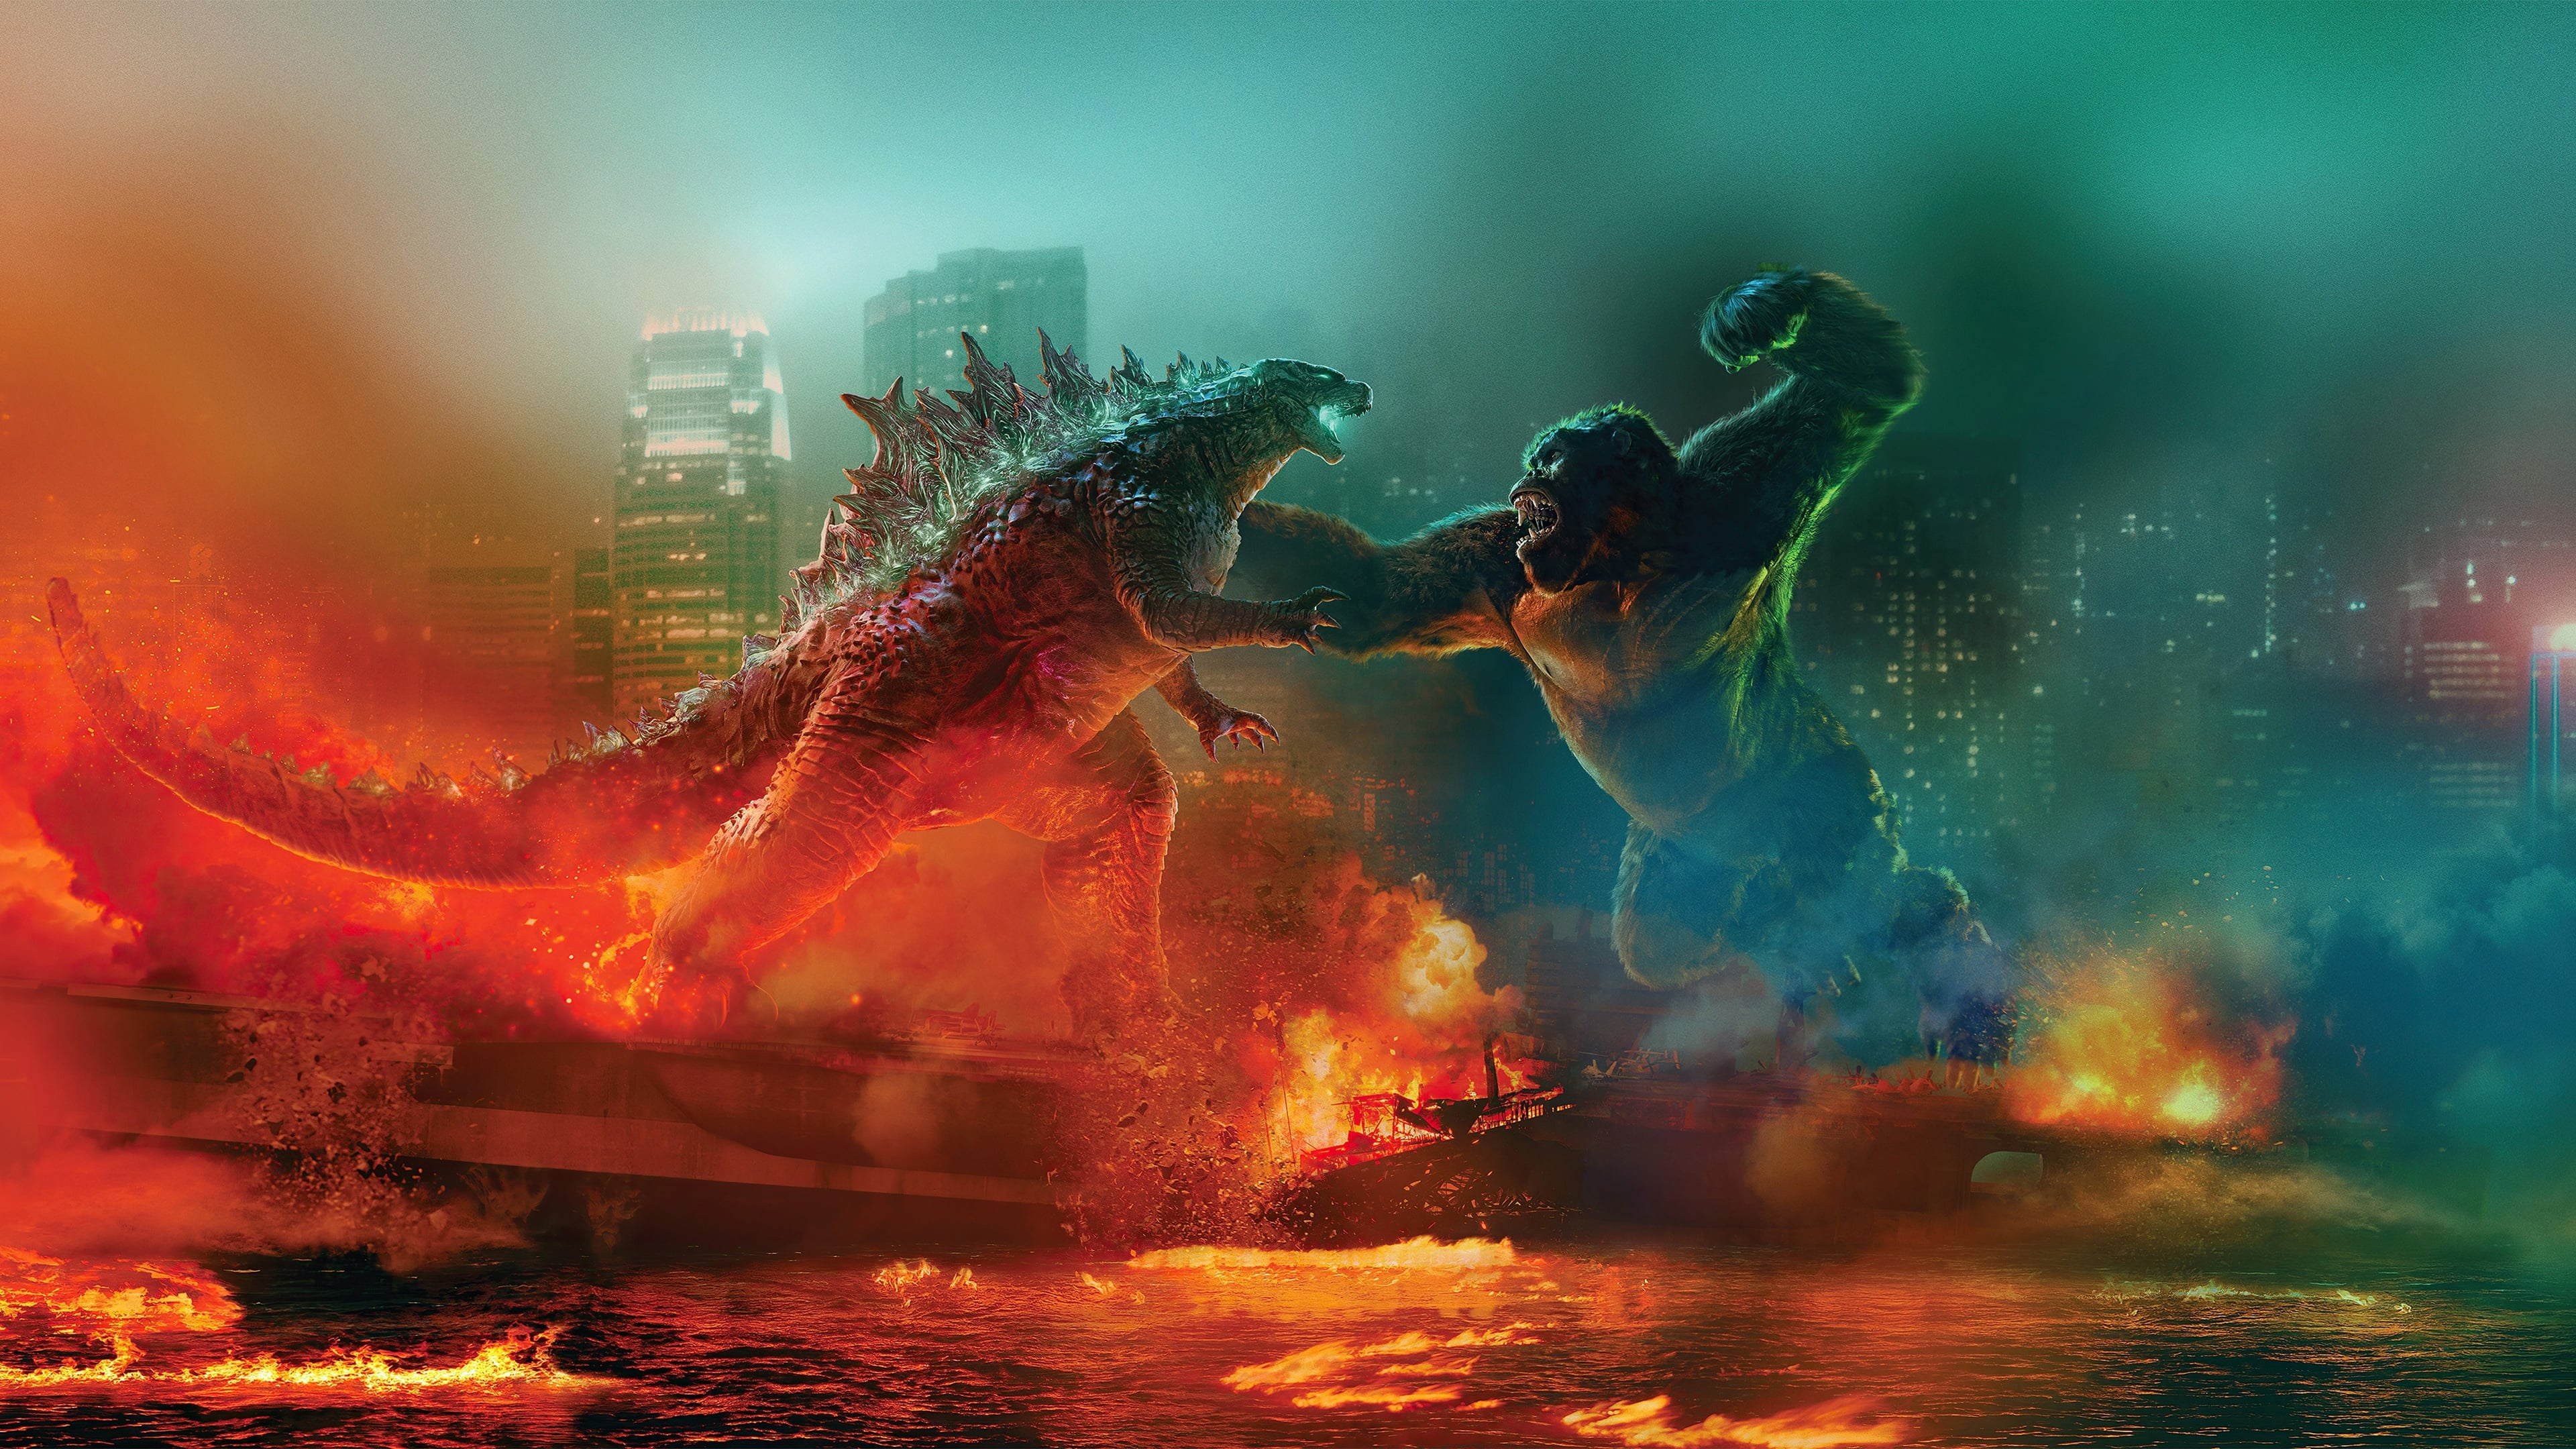 Openload Godzilla Vs Kong 2021 Film Streaming Ita Altadefinizione Ita